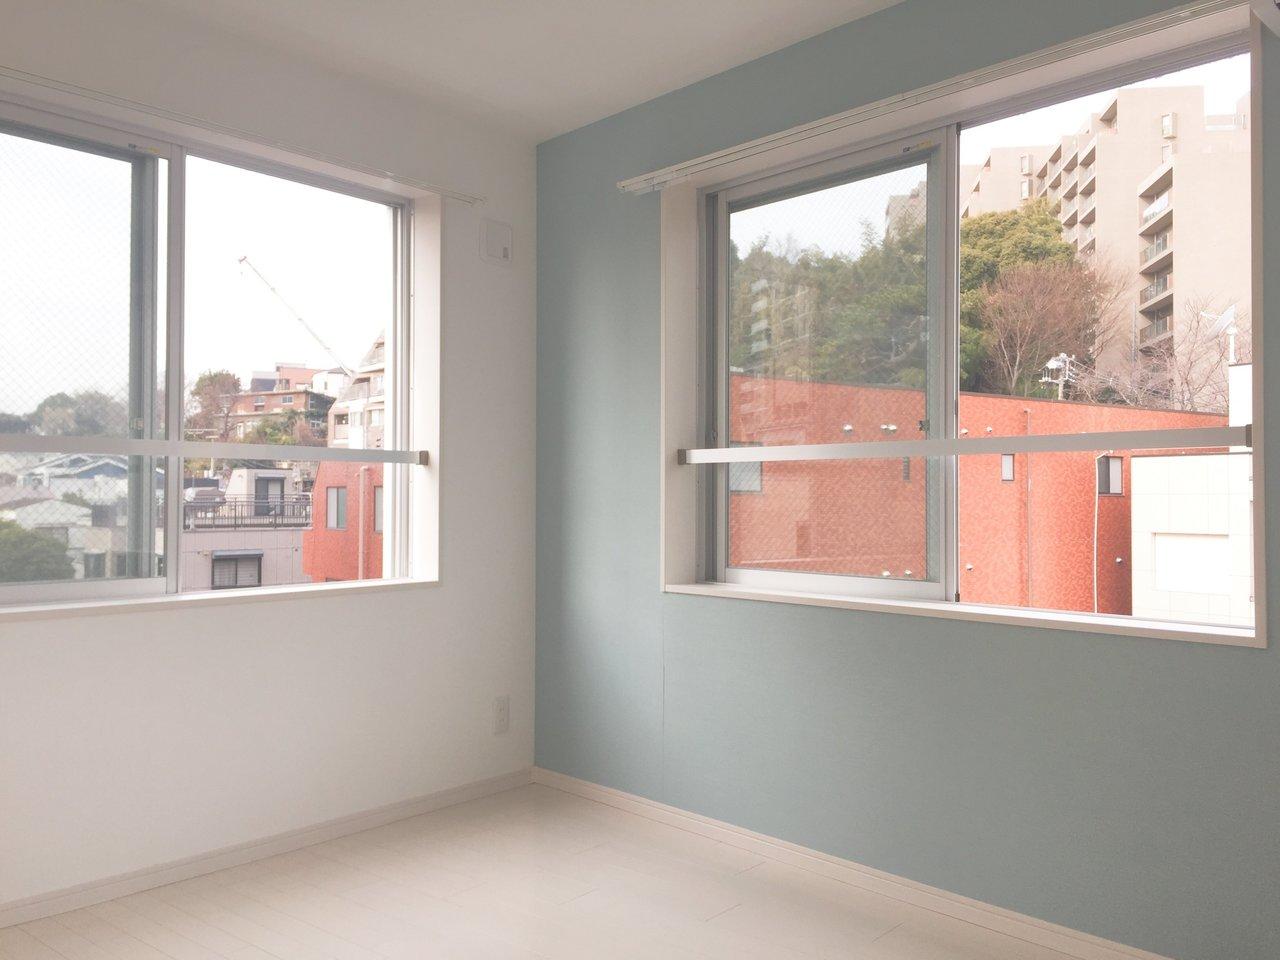 間取りだけならかなりコンパクトですが、見れば見るほど「結構いいかも…」て思ってしまうお部屋です。何しろ、ワンルームの3面に窓があってかなり開放感。